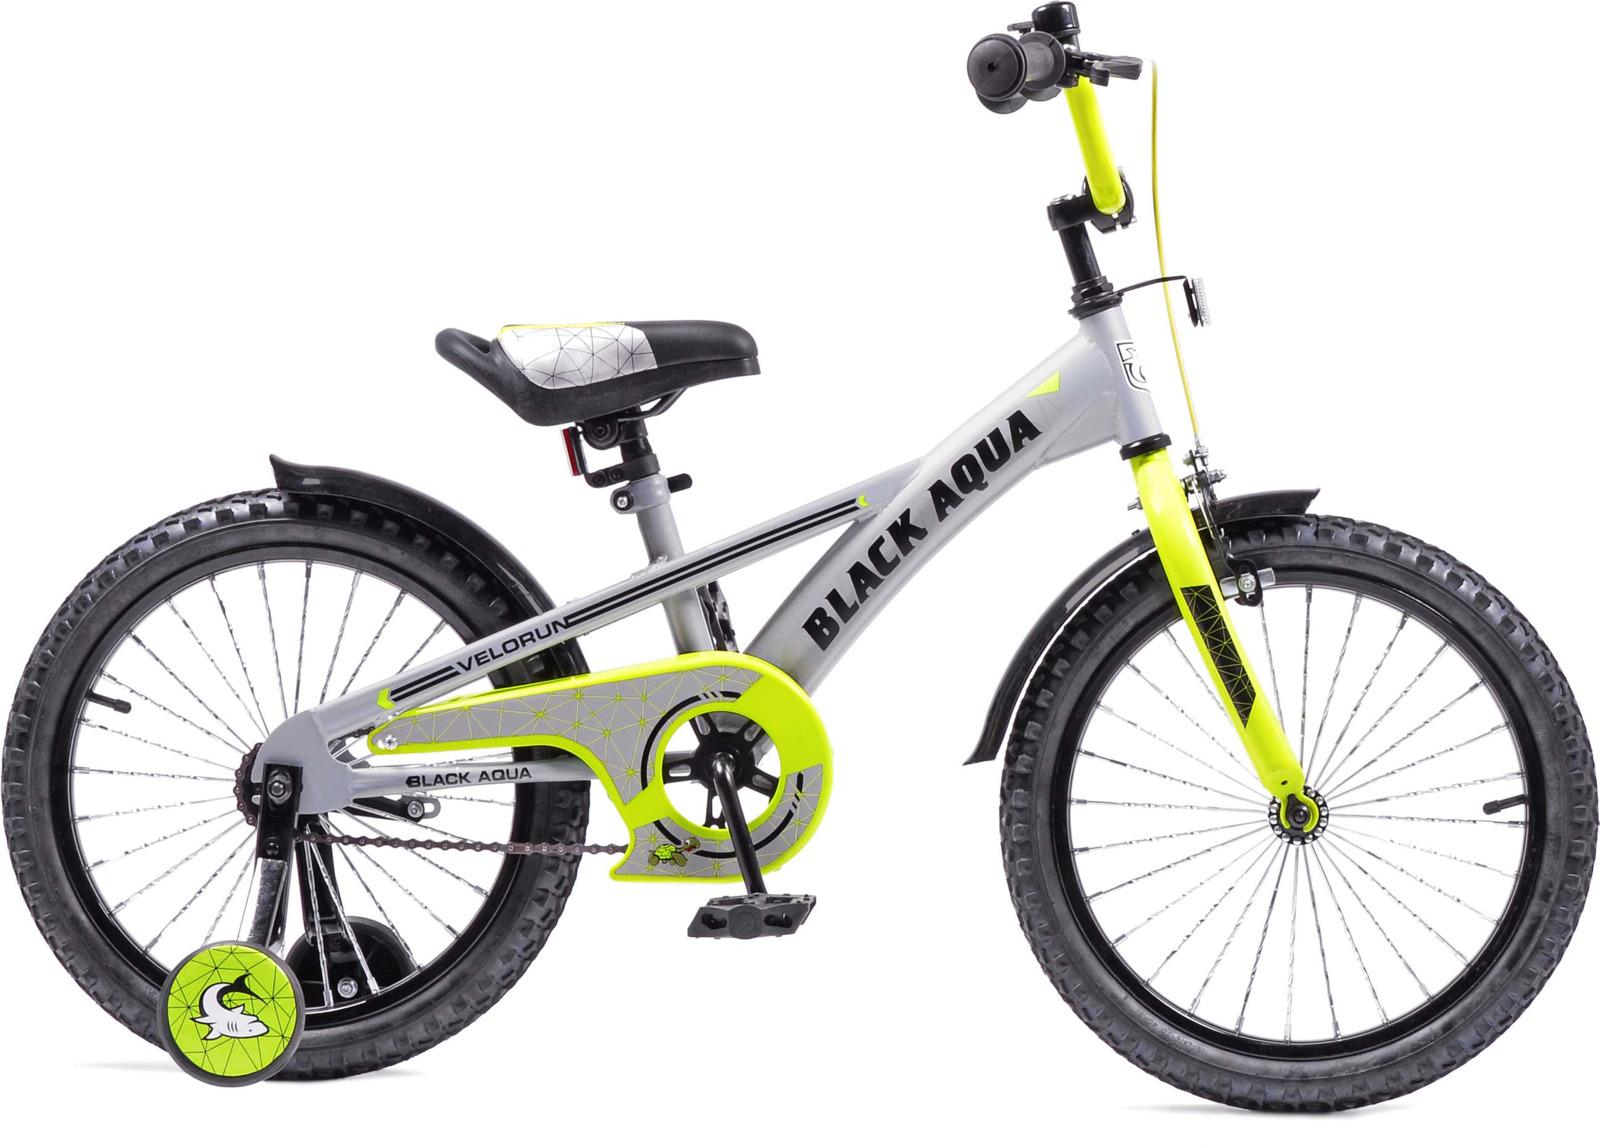 Велосипед детский Black Aqua Velorun, KG1819, колесо 18, серый, лимонный